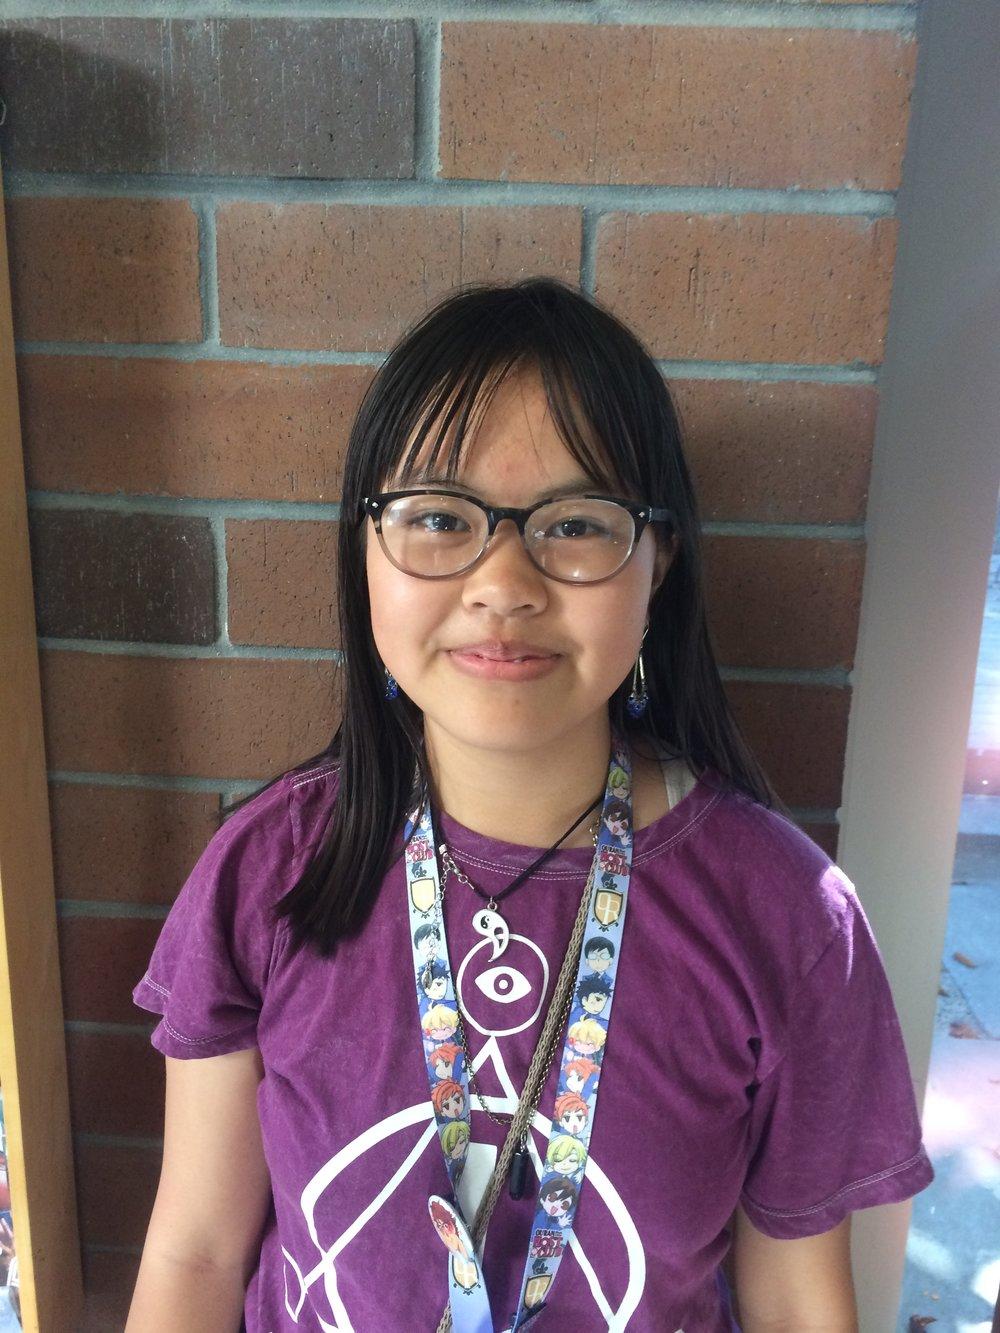 Tina Dang pic.JPG